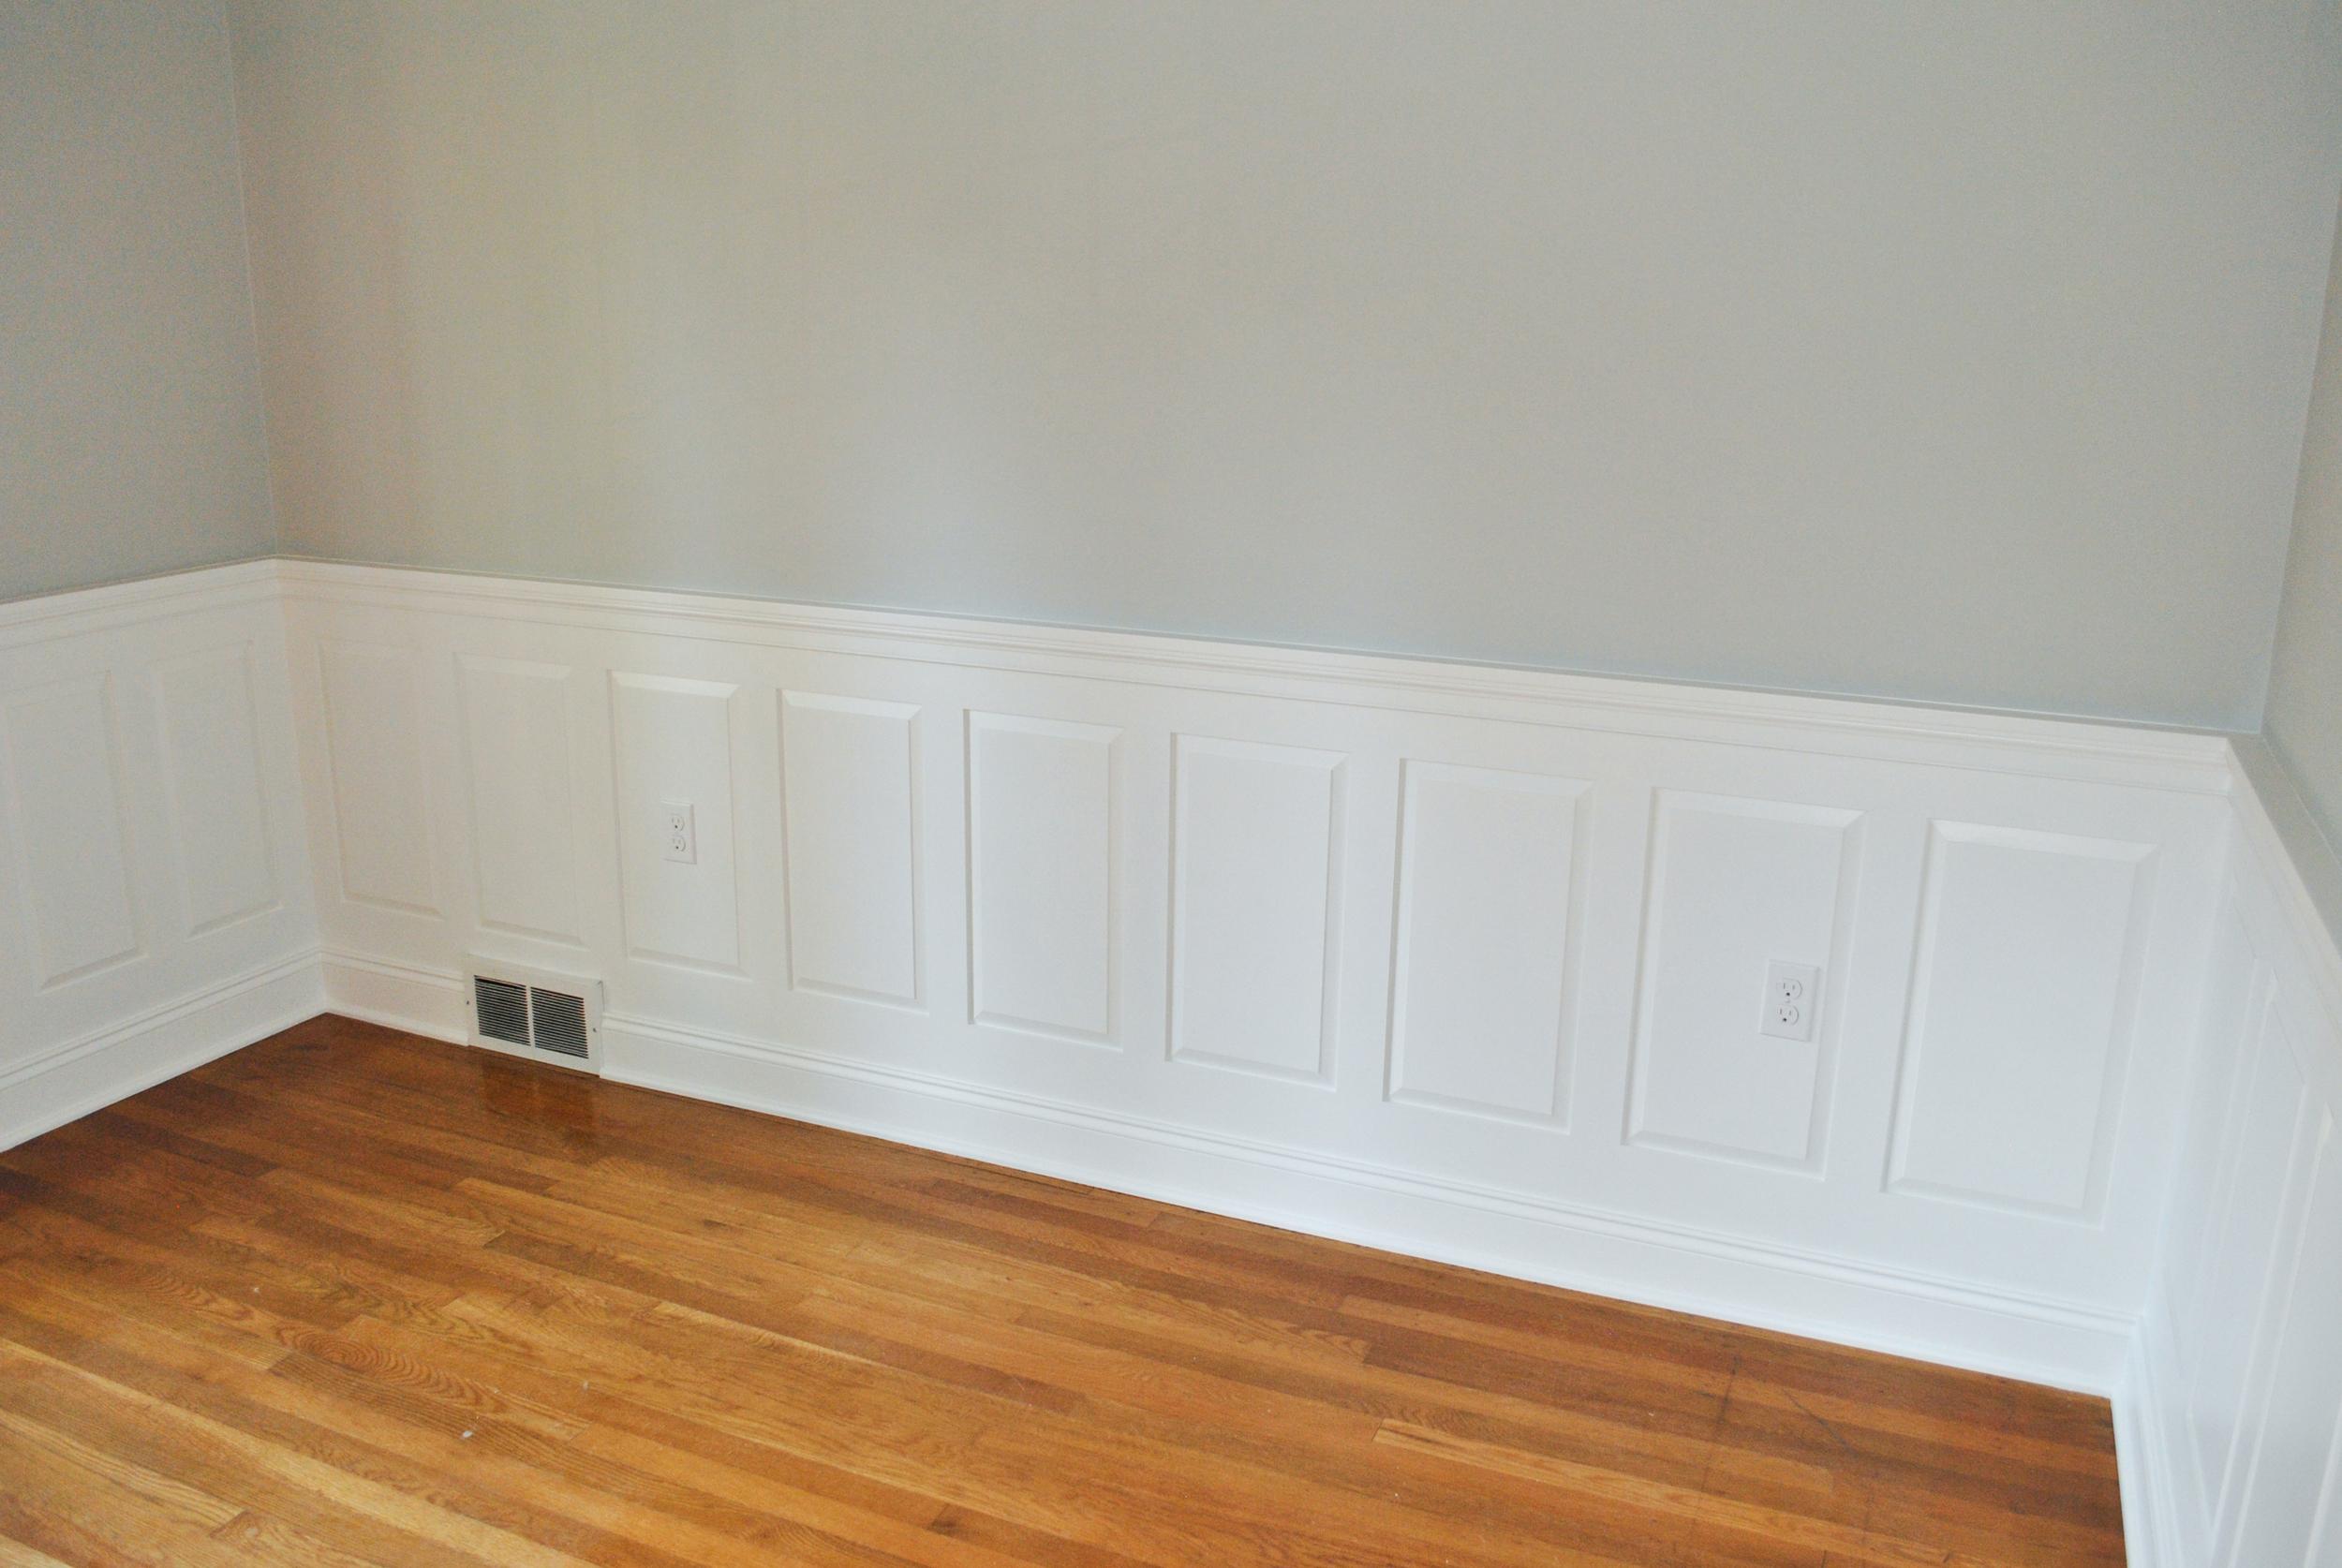 MDF raised panels with poplar cap trim.